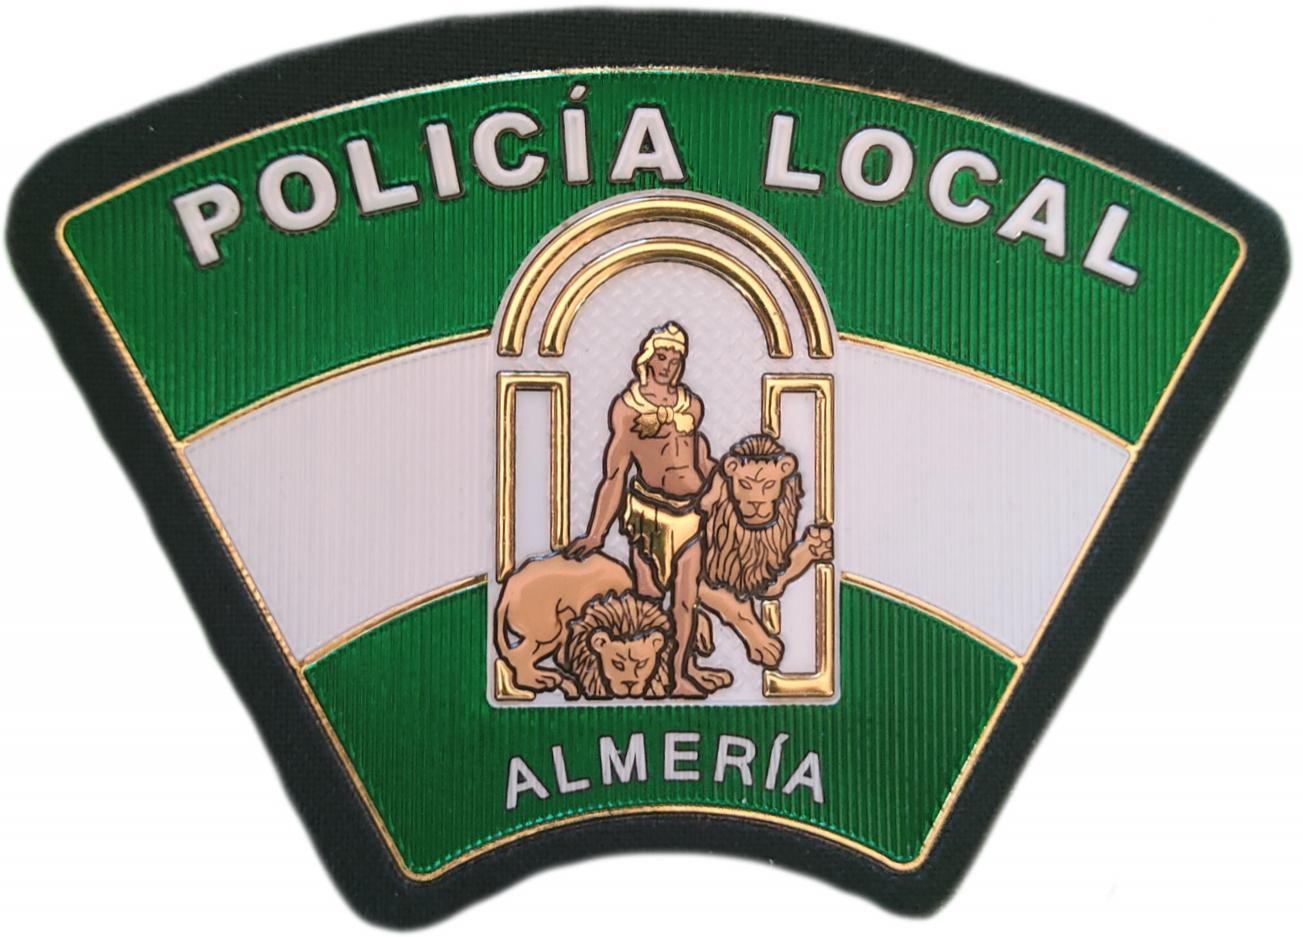 Policía Local Almería Andalucía parche insignia emblema distintivo